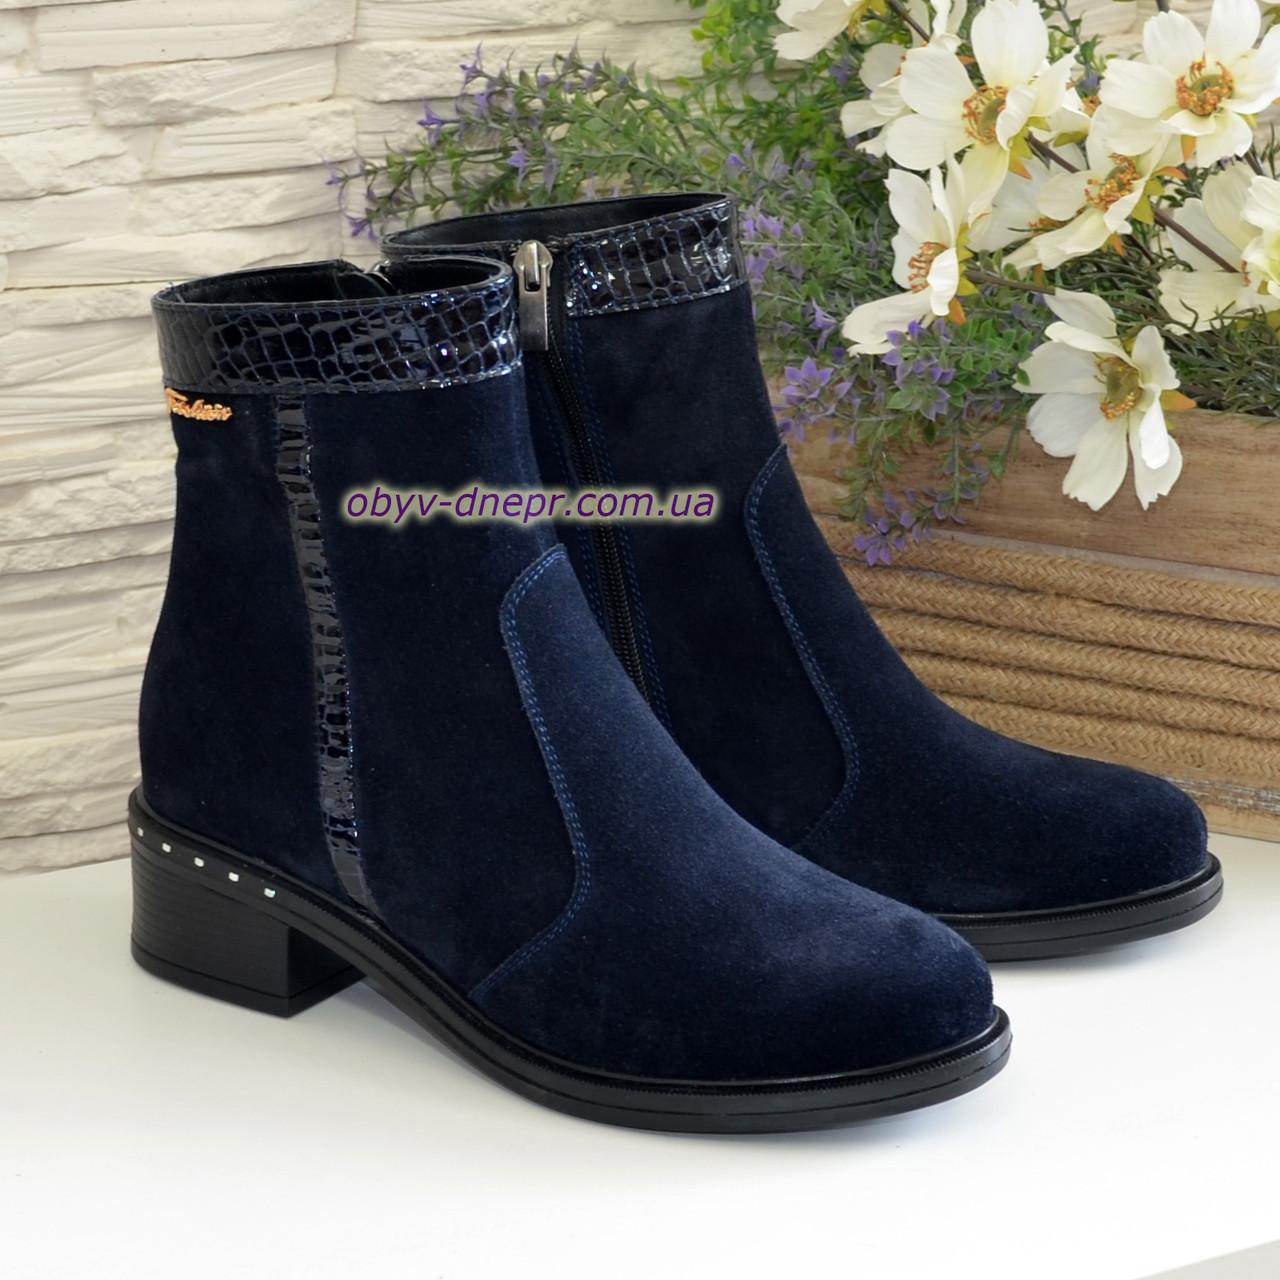 """Ботинки женские демисезонные синие на невысоком каблуке, натуральная замша и лак с тиснением """"питон"""""""